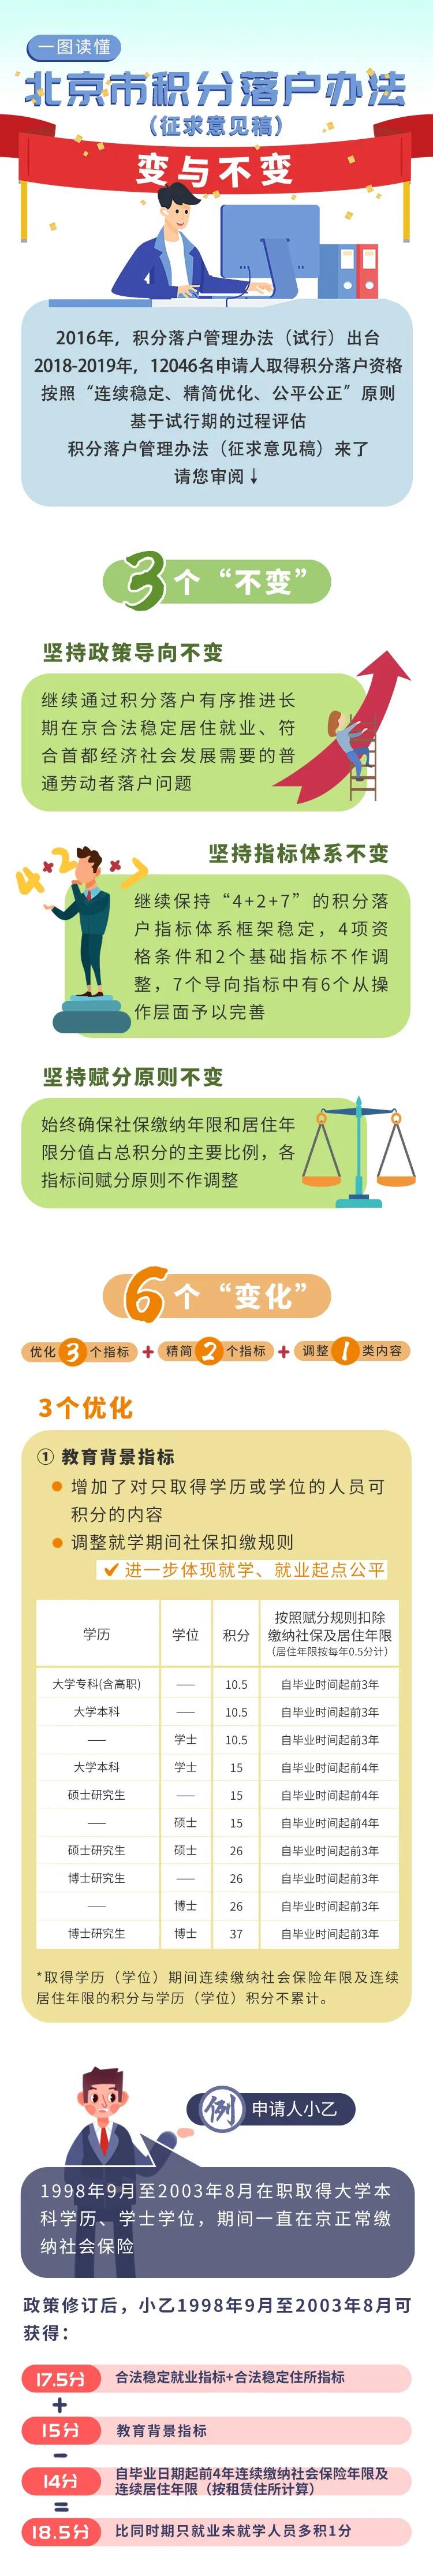 一圖看懂《北京市積分落戶管理辦法》修訂的變與不變